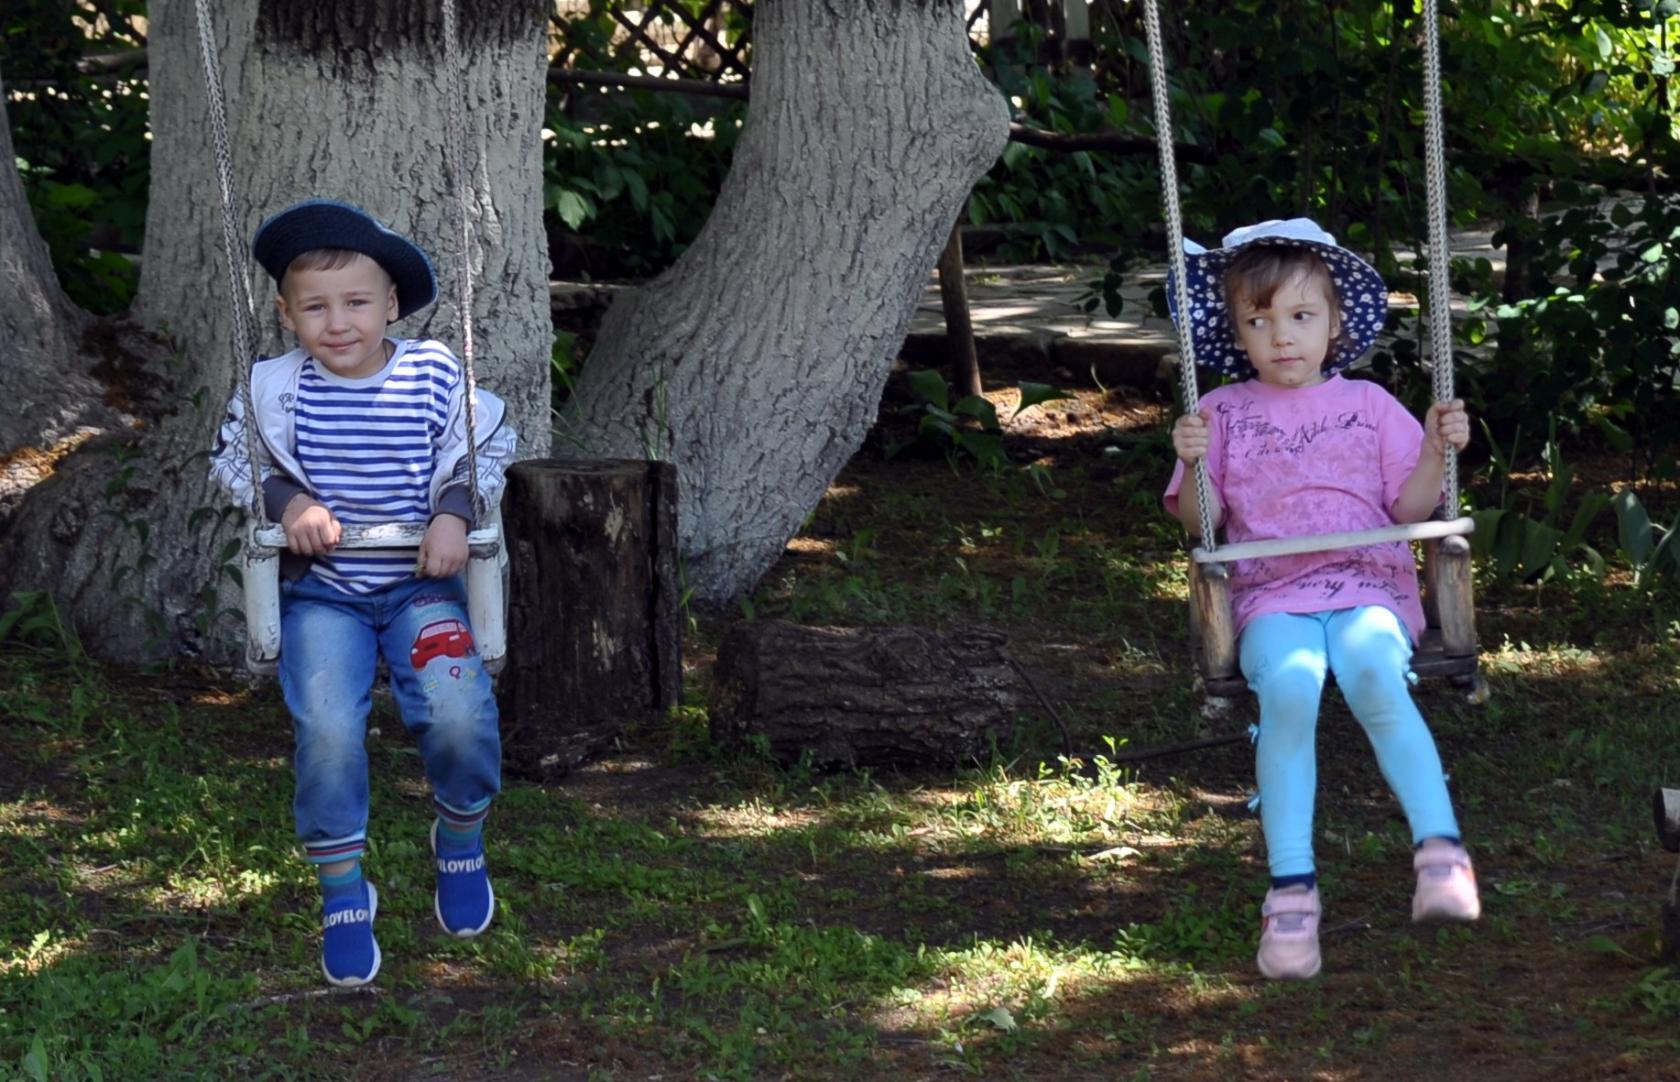 Комфортные детские площадки в Балаково на базе отдыха